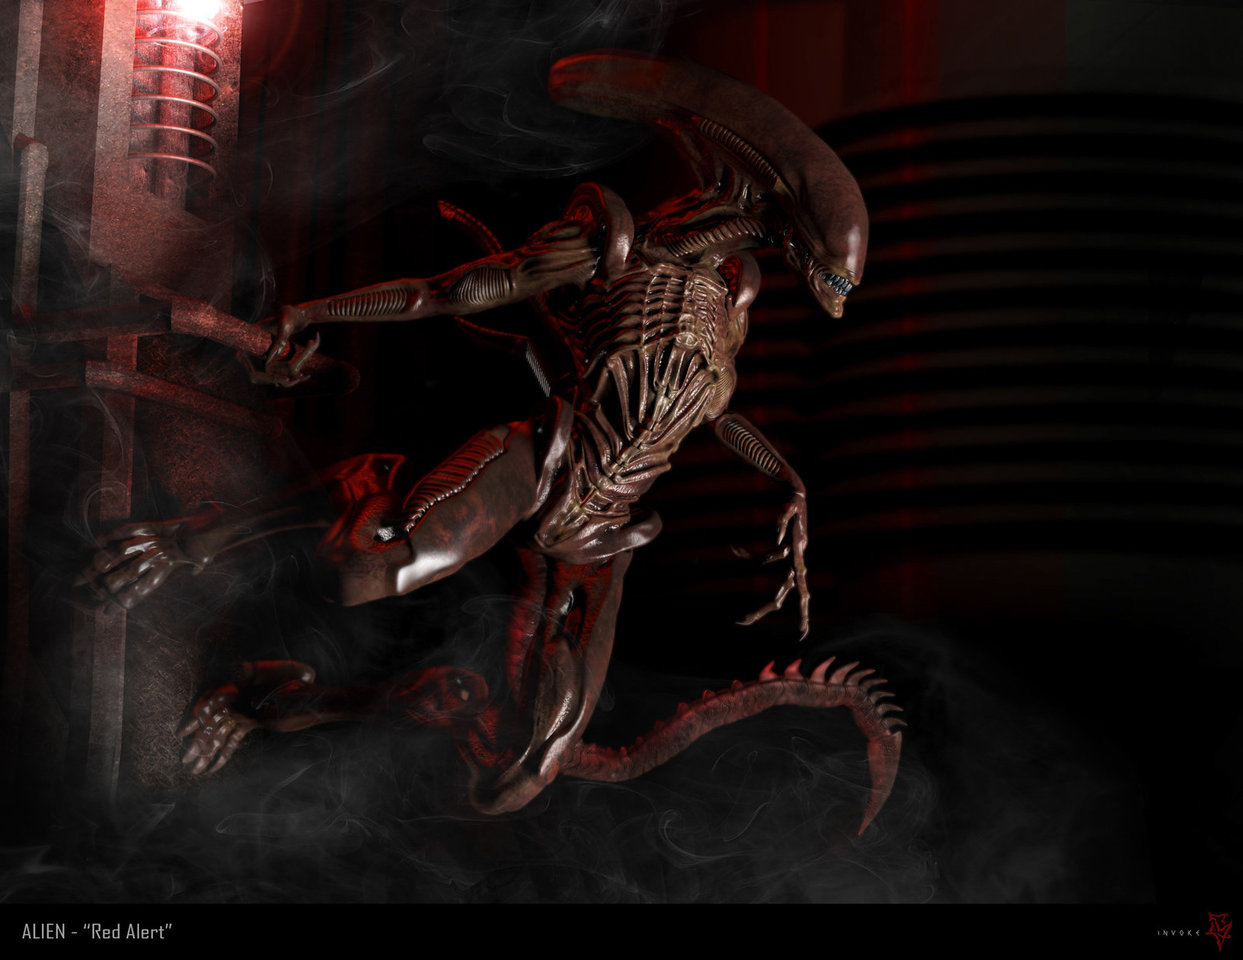 alien by calebnefzen